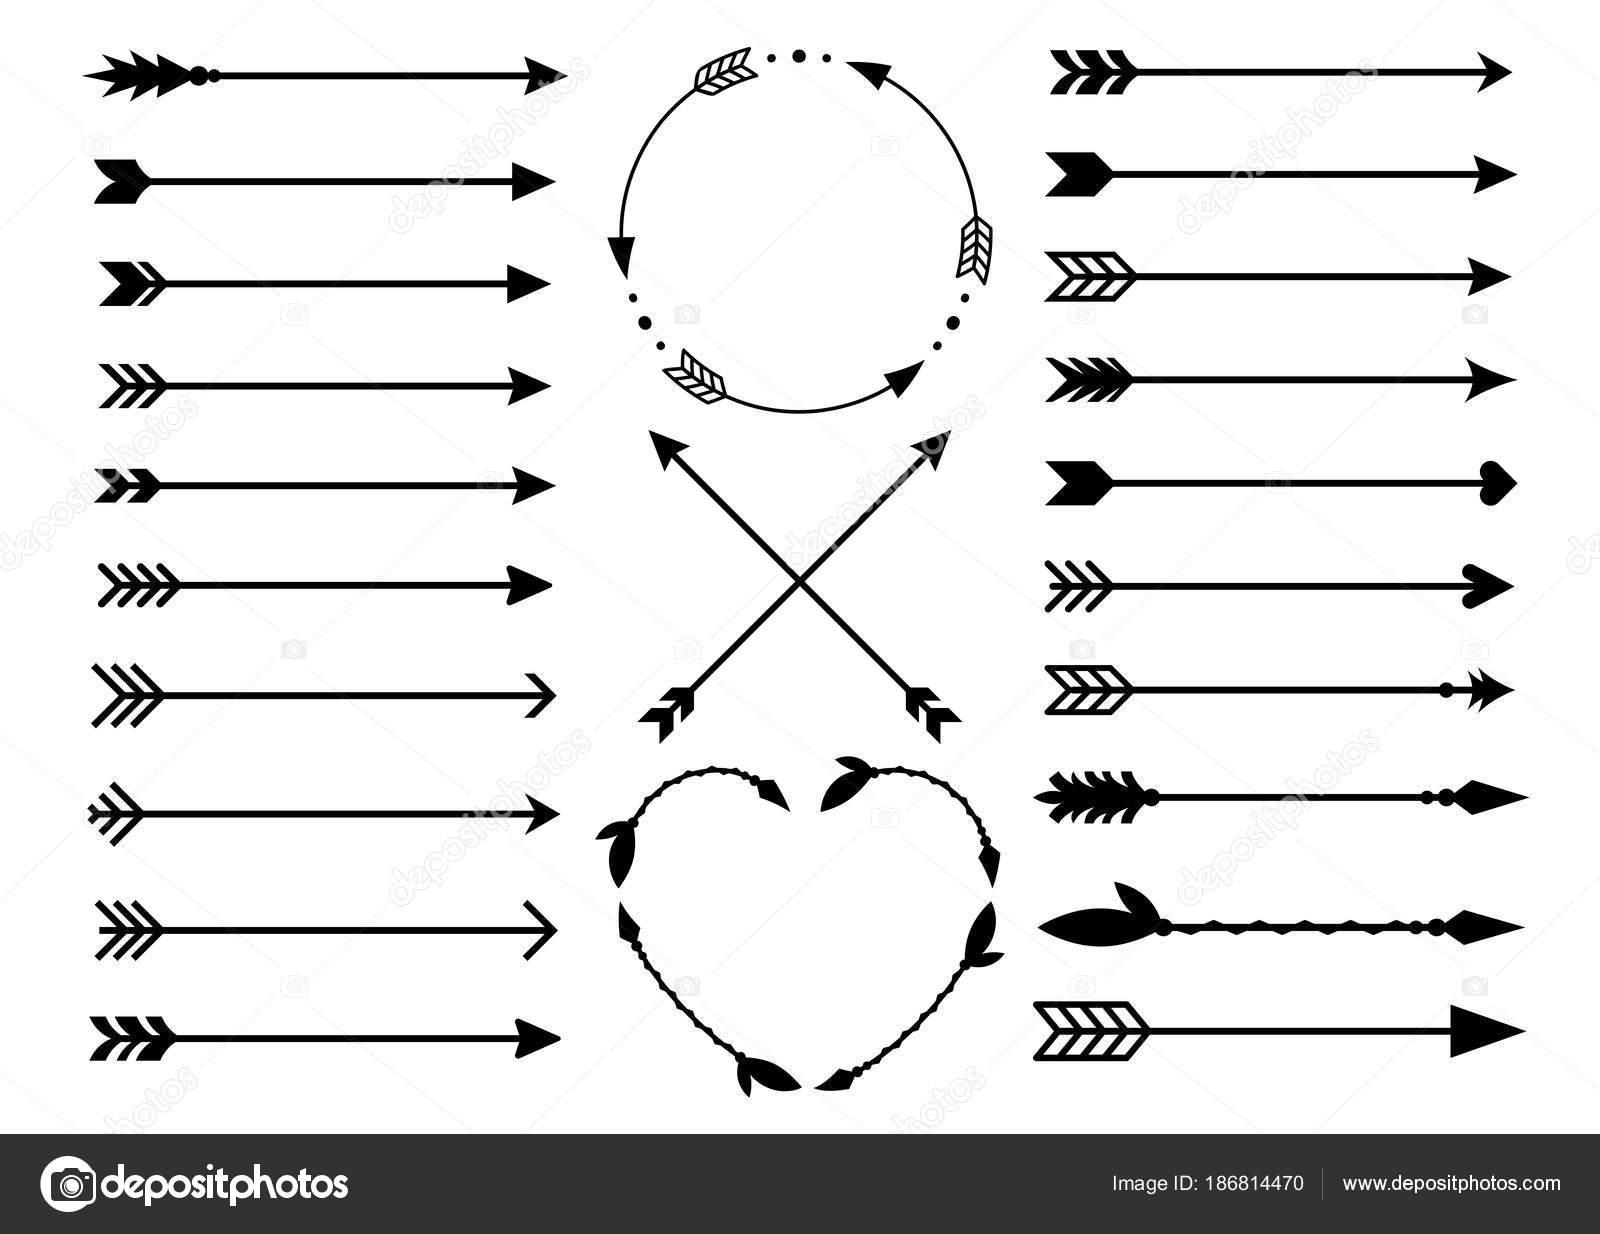 Hipster Arrows Arrows In Boho Style Criss Cross Tribal